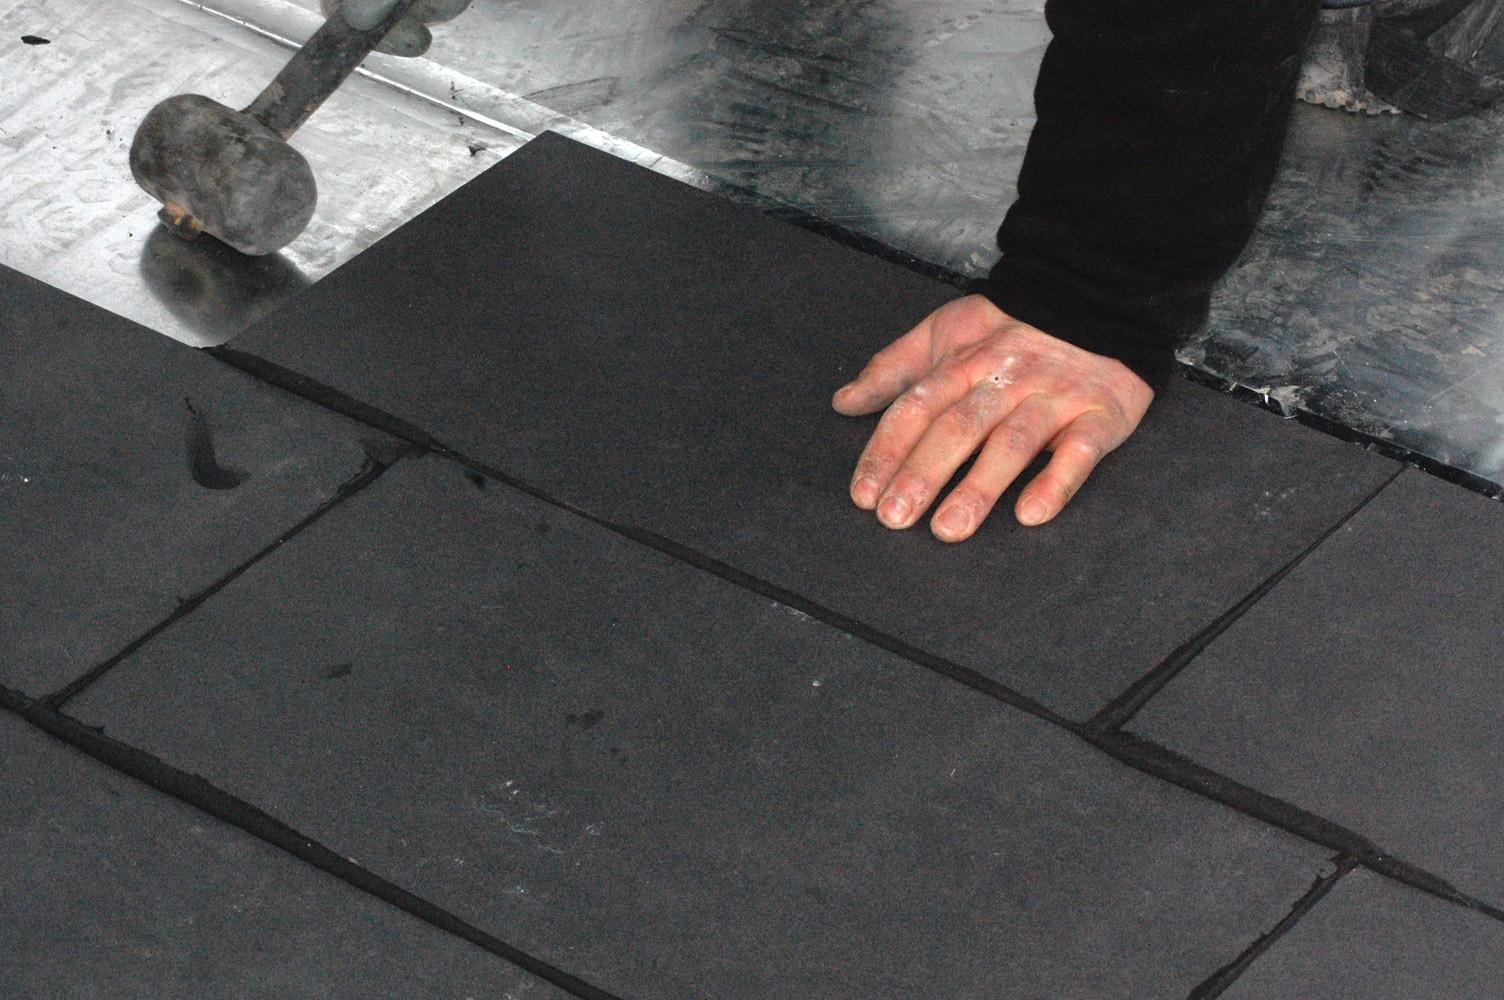 Sistema radiante innovativo ecologico a secco eco dry con - Posare parquet flottante su piastrelle ...